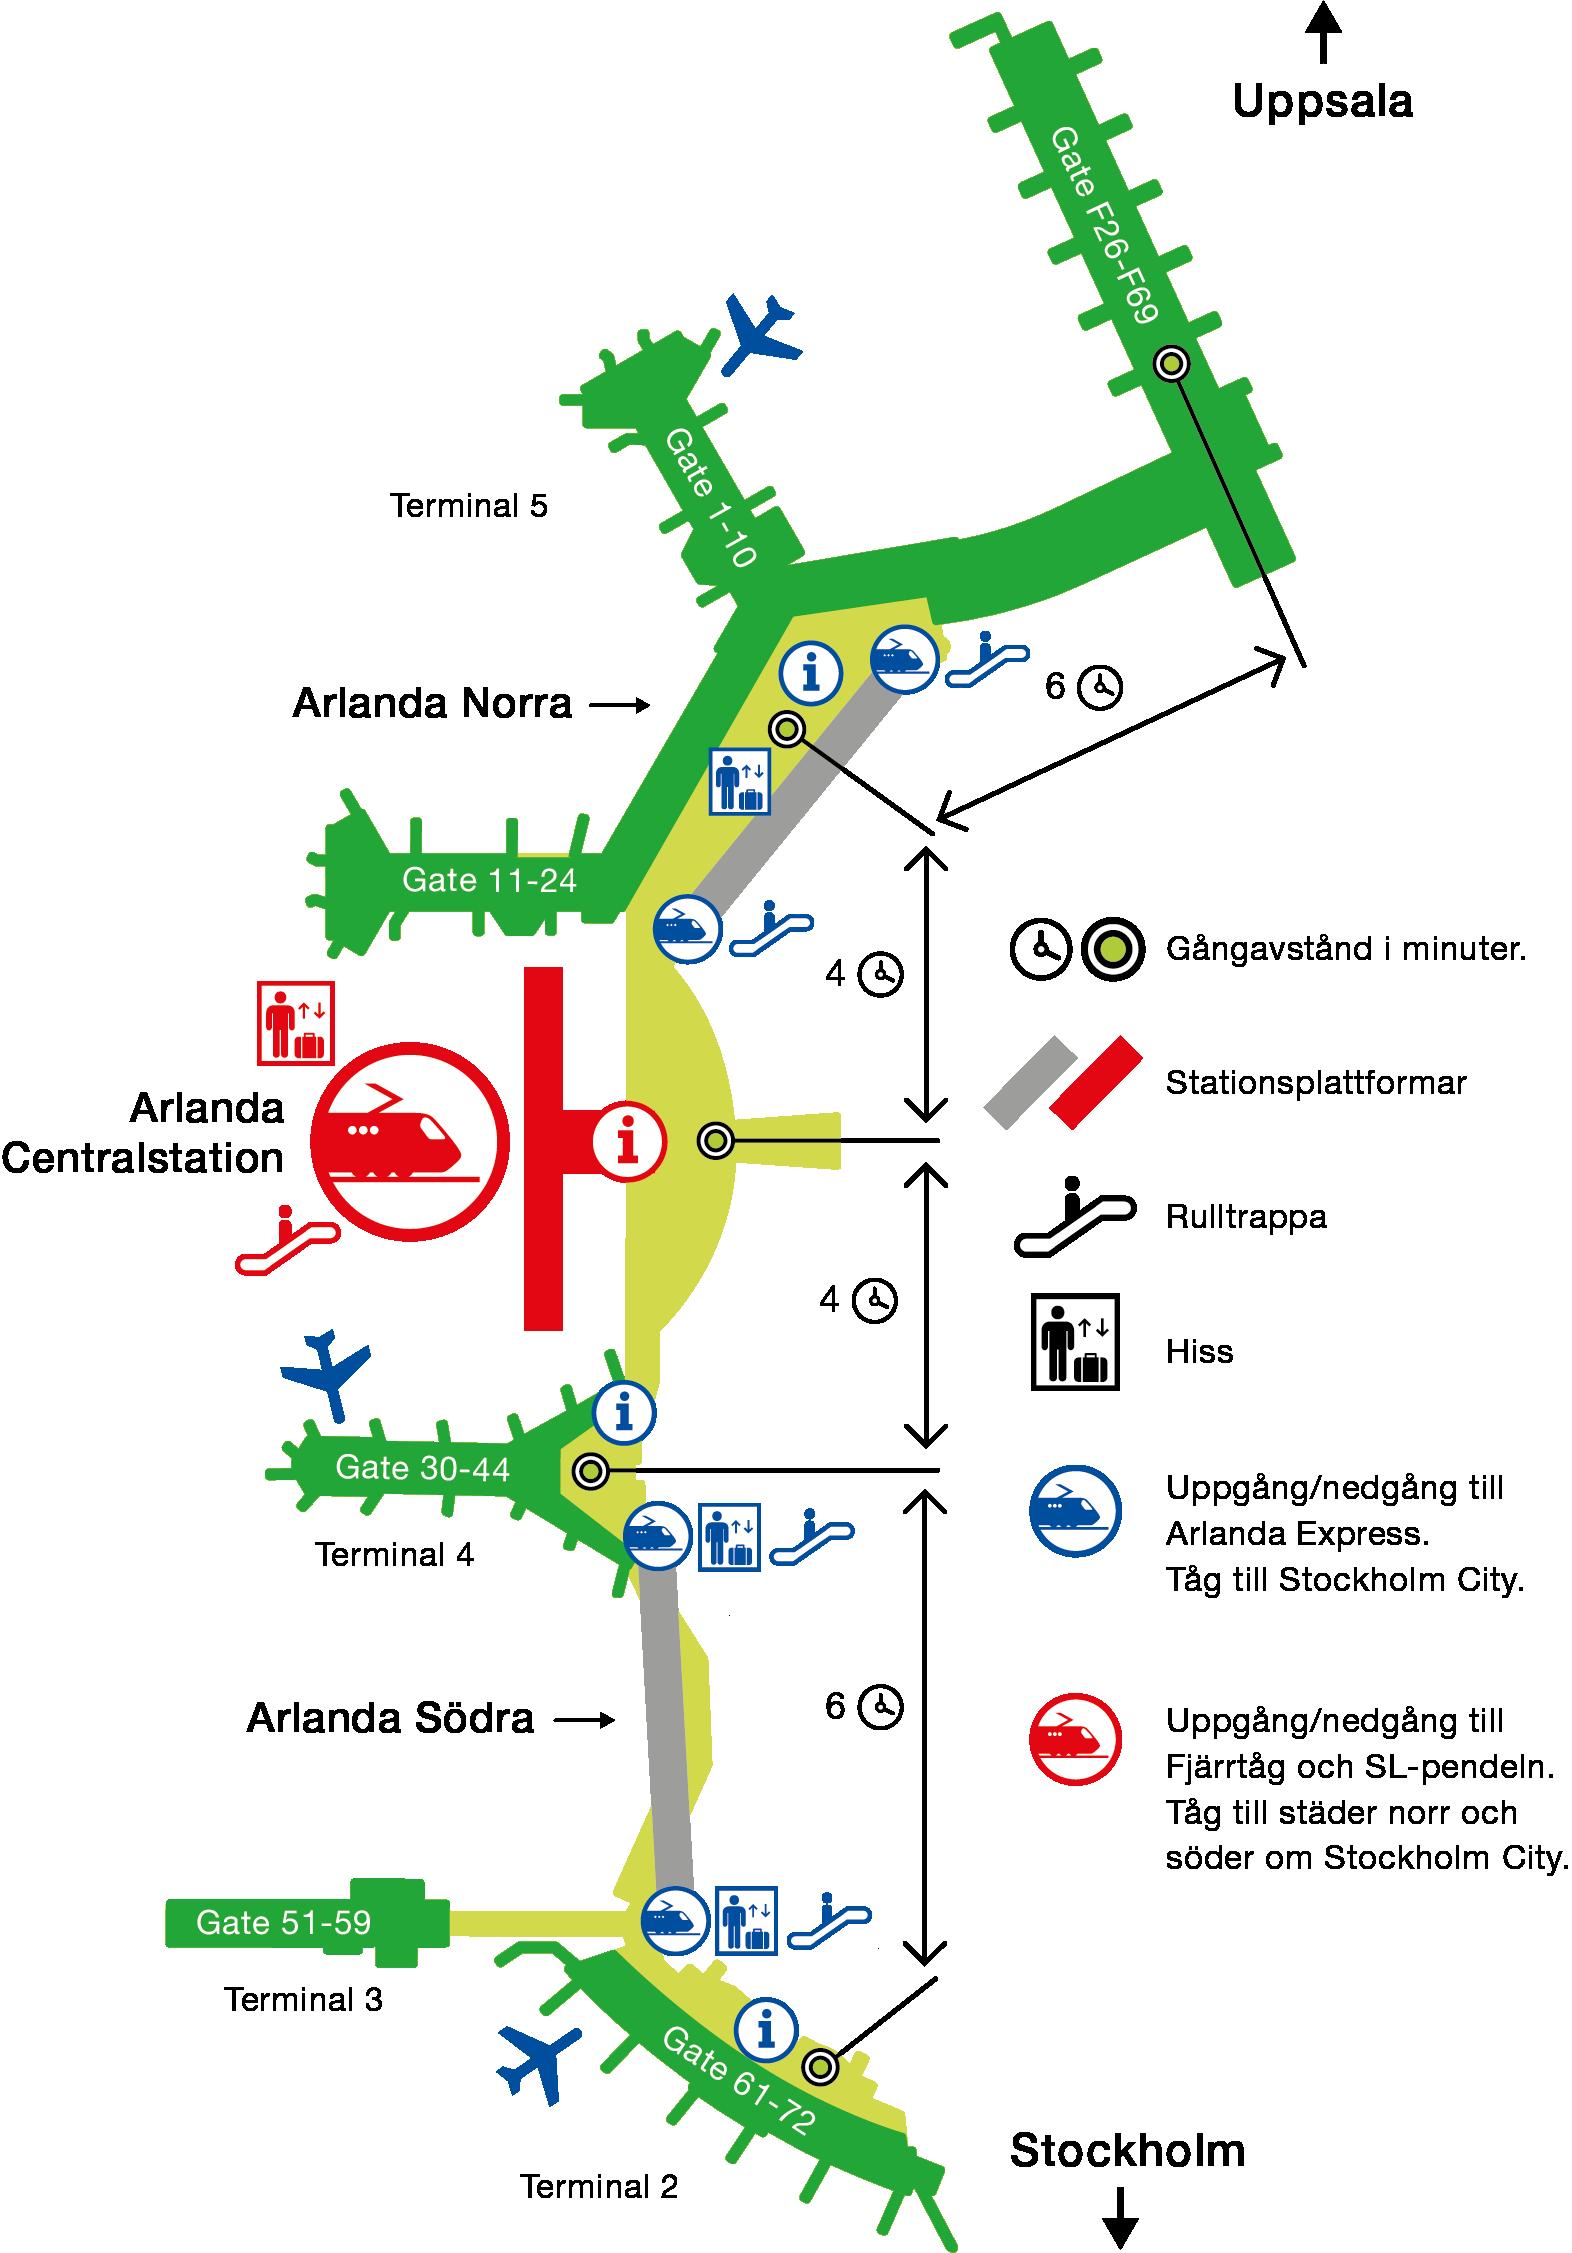 Arlandabanan Karta terminaler och stationer på Arlanda